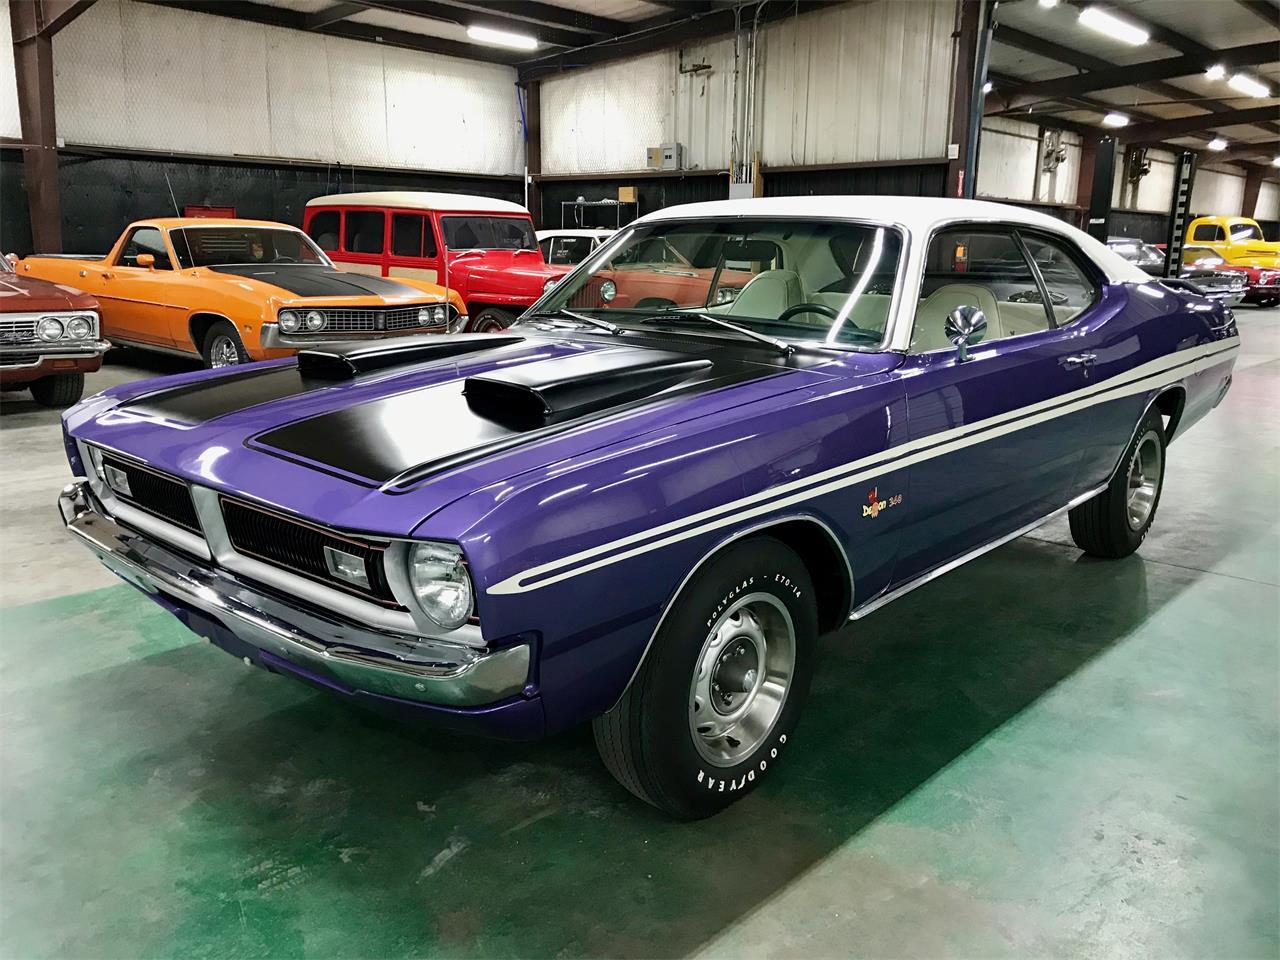 1971 Dodge Demon For Sale Classiccars Com Cc 1220616